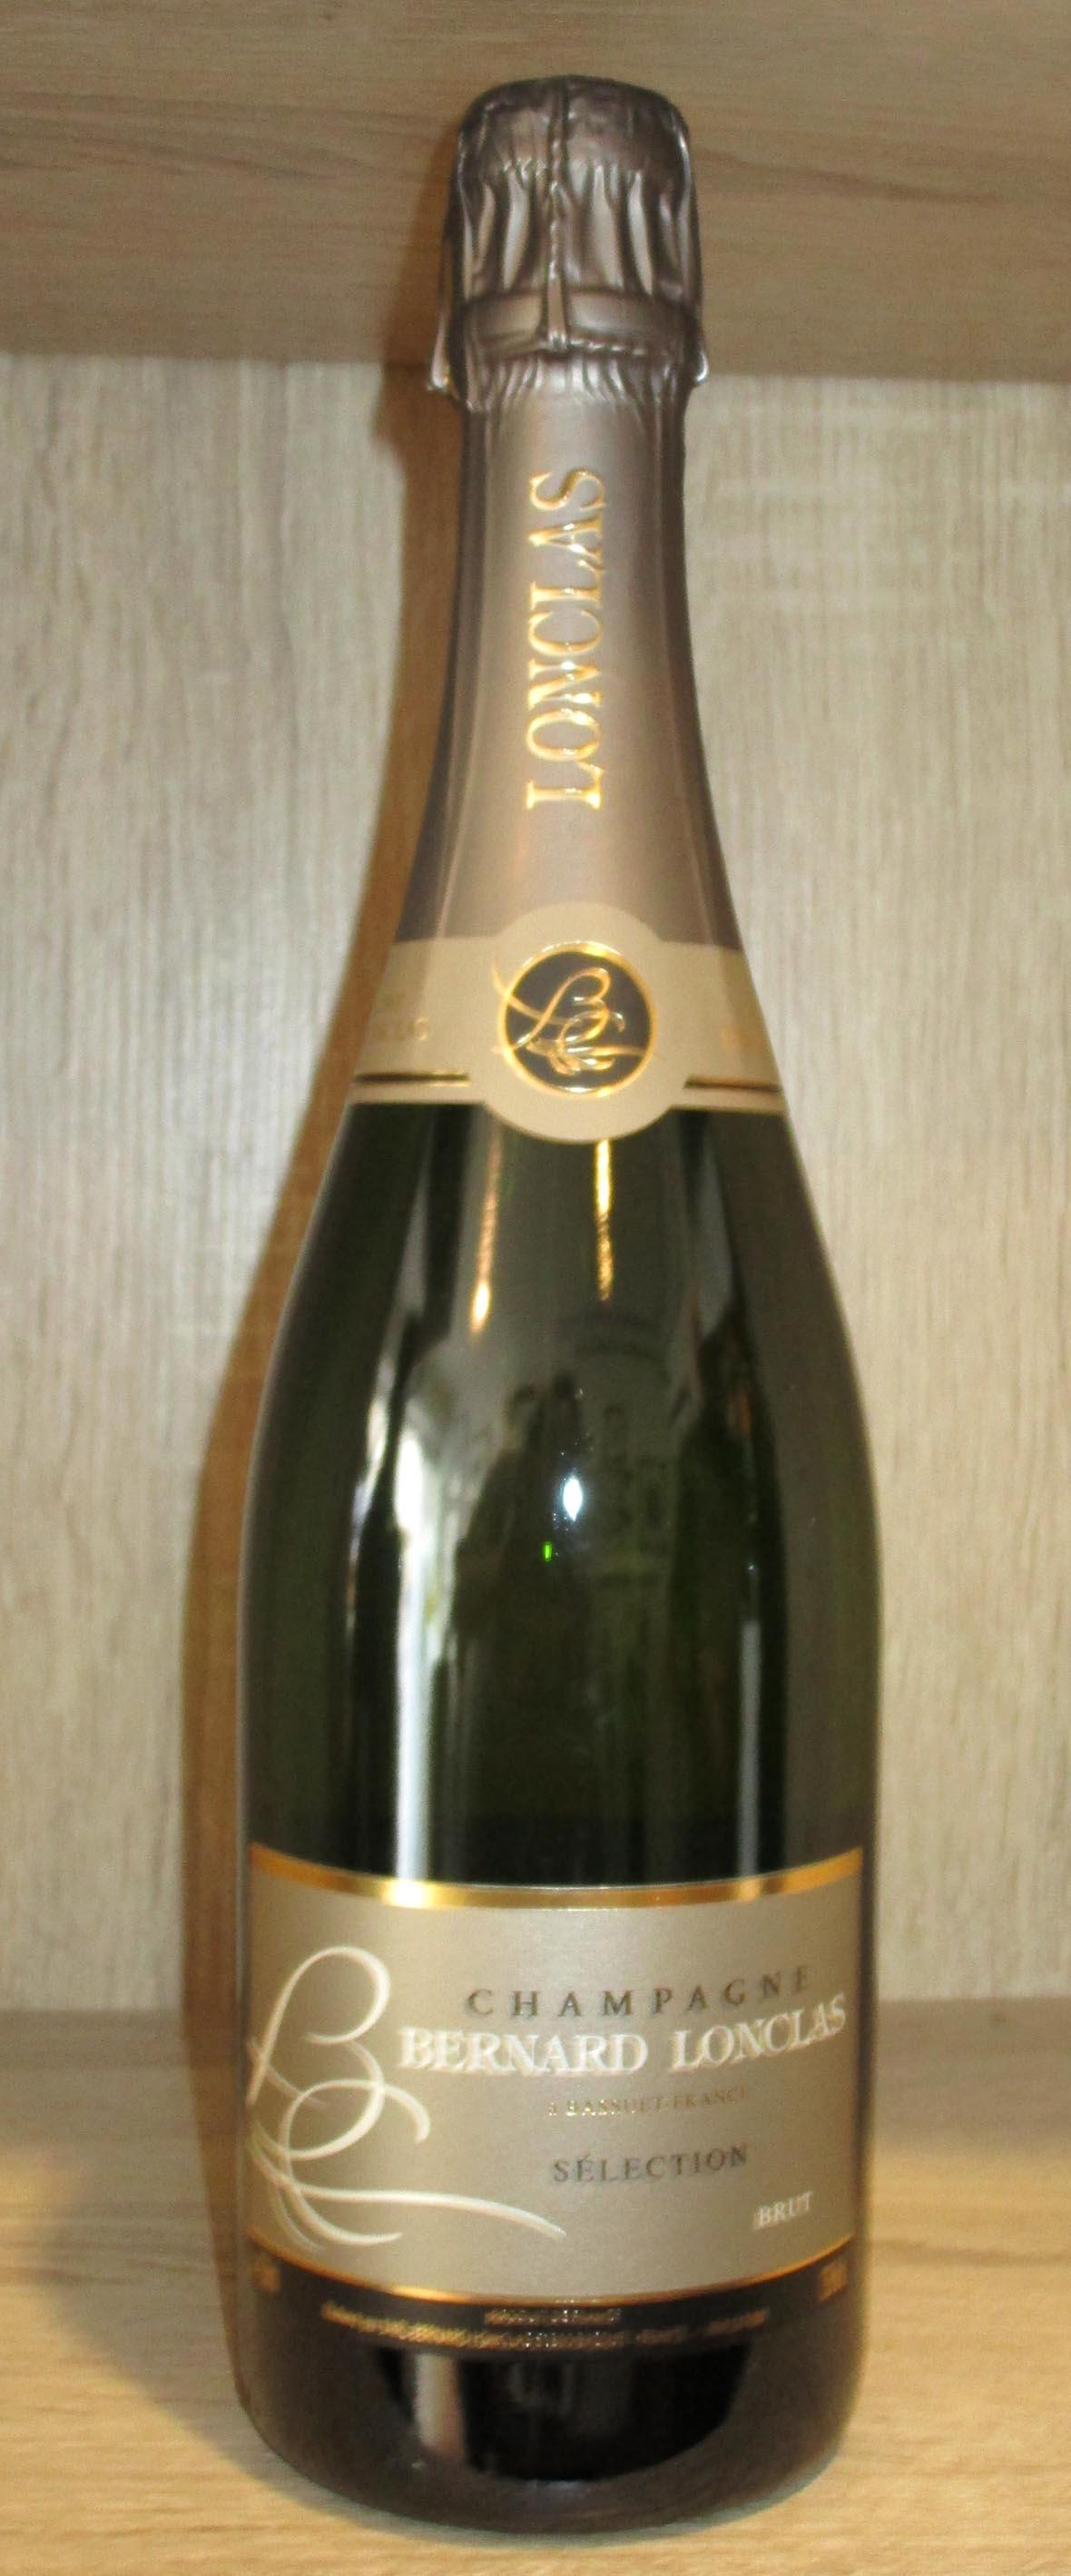 ChampagneLonclas